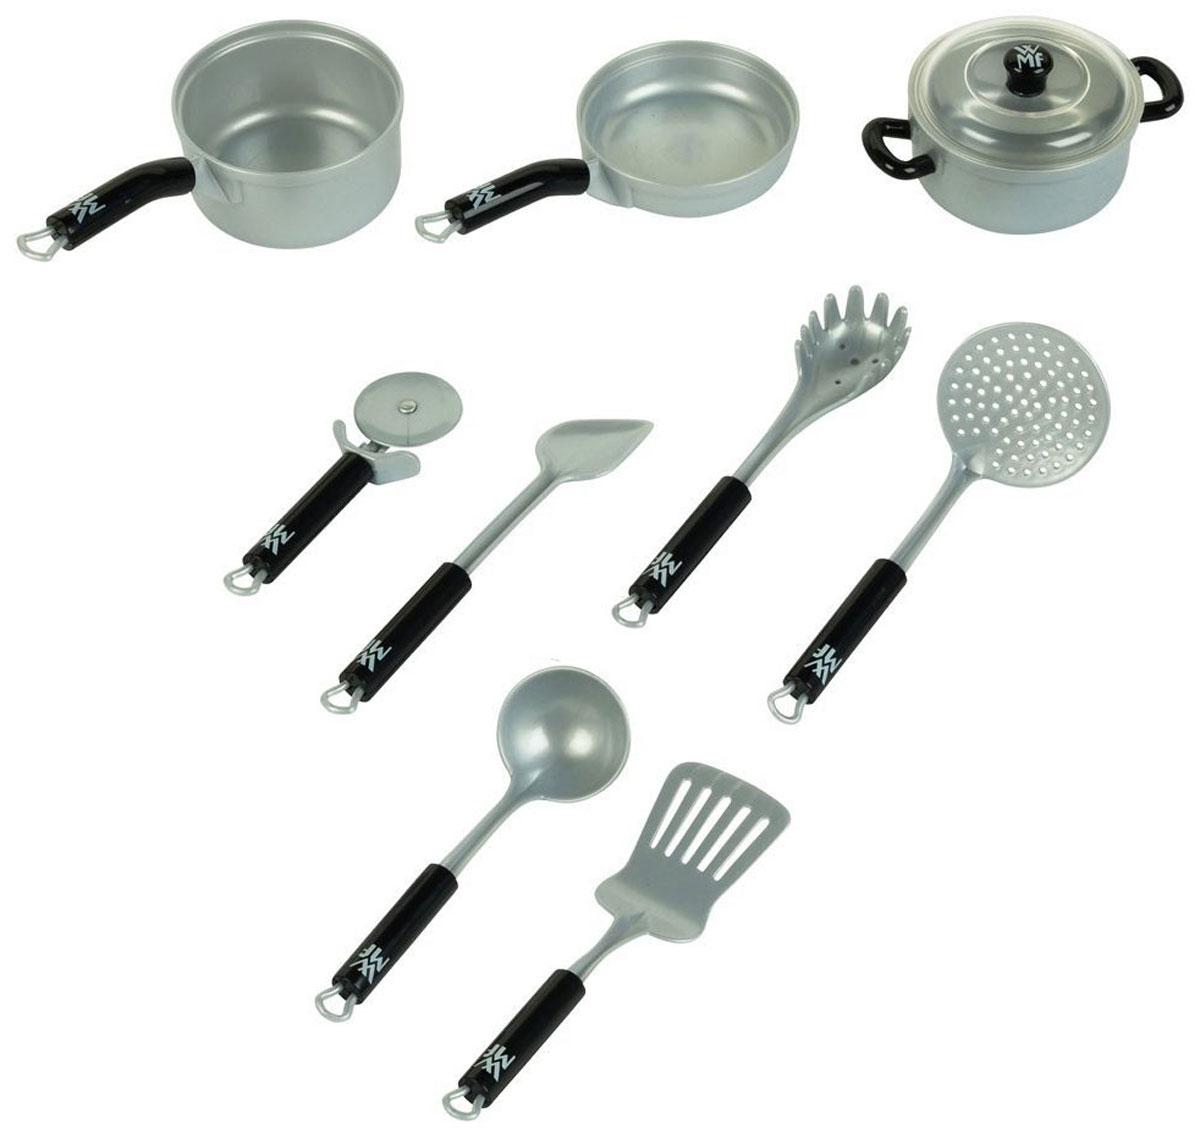 Klein Набор детской посуды WMF 10 предметов - Сюжетно-ролевые игрушки